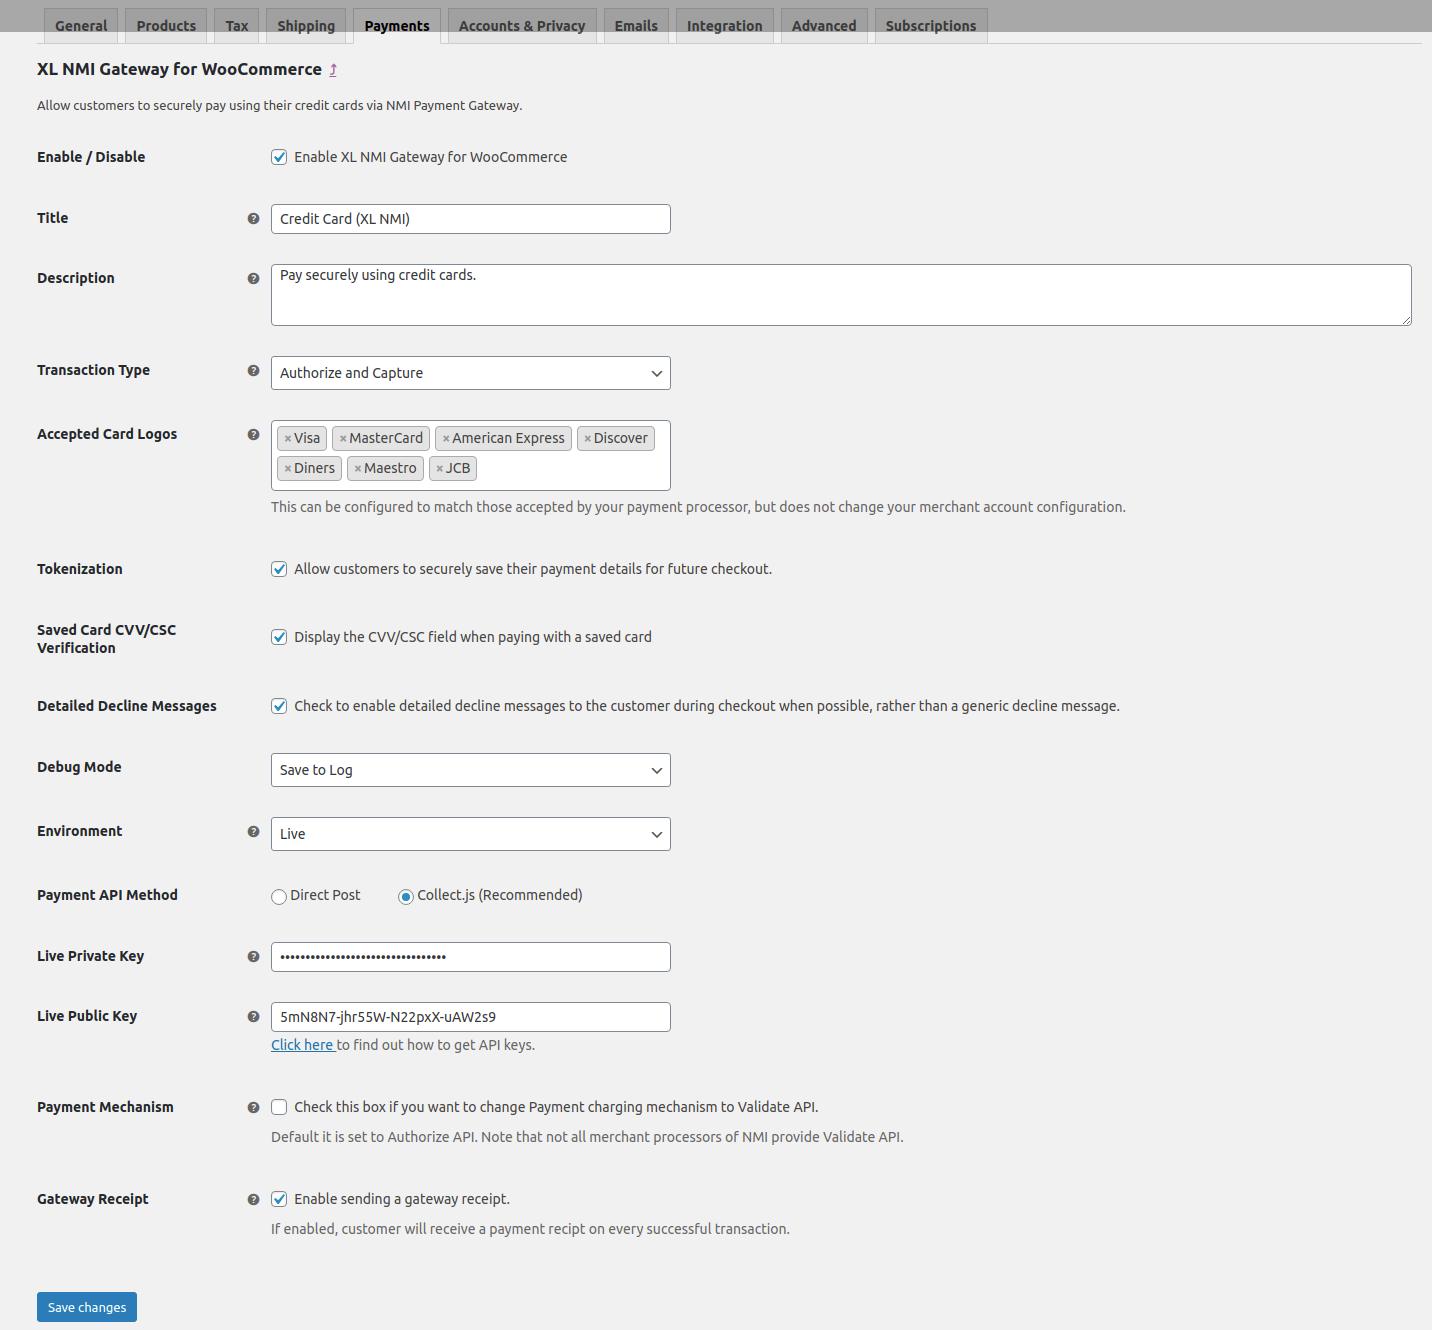 Manage Gateway Settings